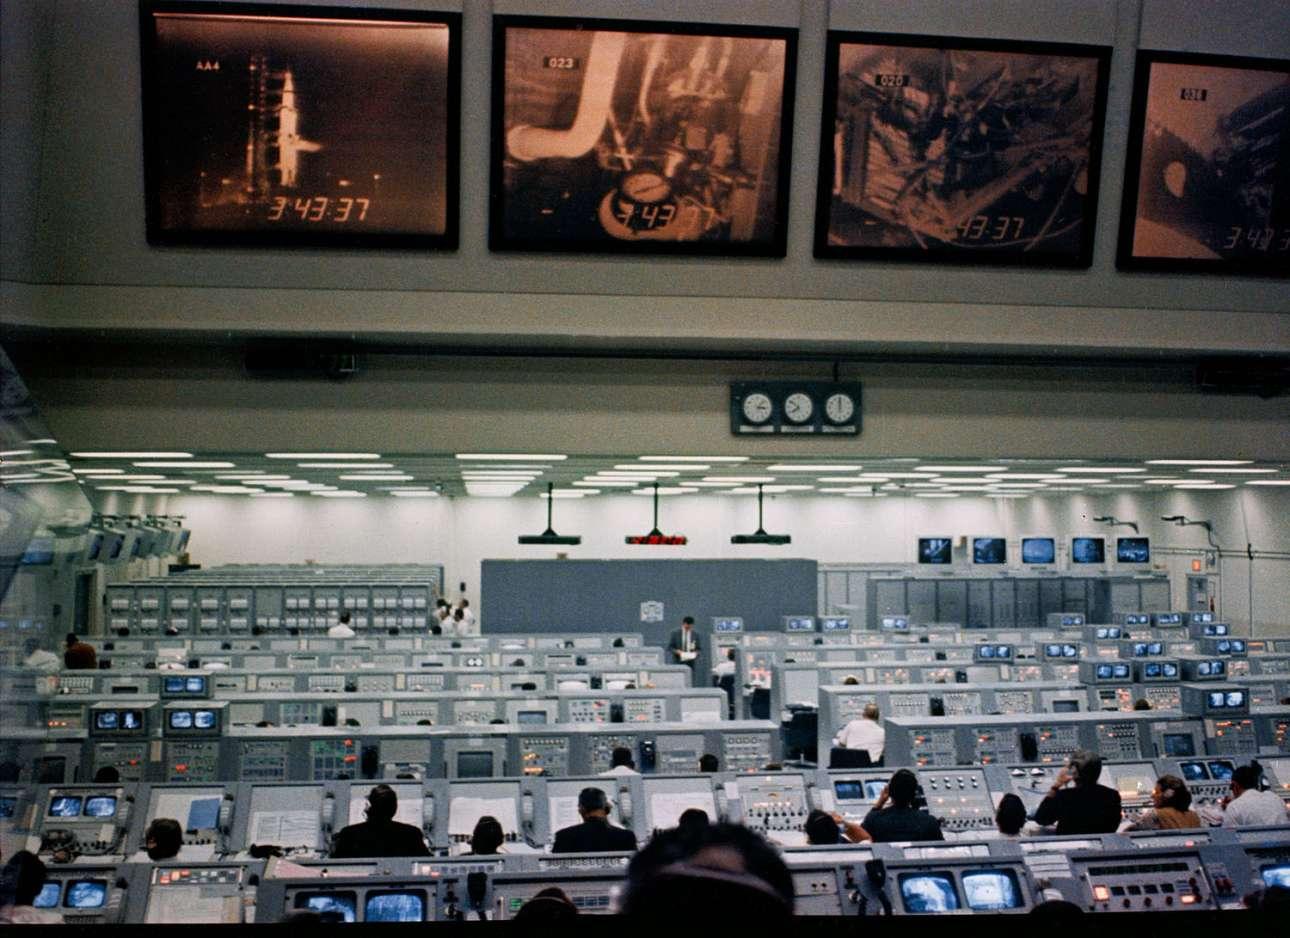 Το κέντρο ελέγχου του Διαστημικού Κέντρου Κένεντι έχει πάρει φωτιά λίγο πριν την εκτόξευση